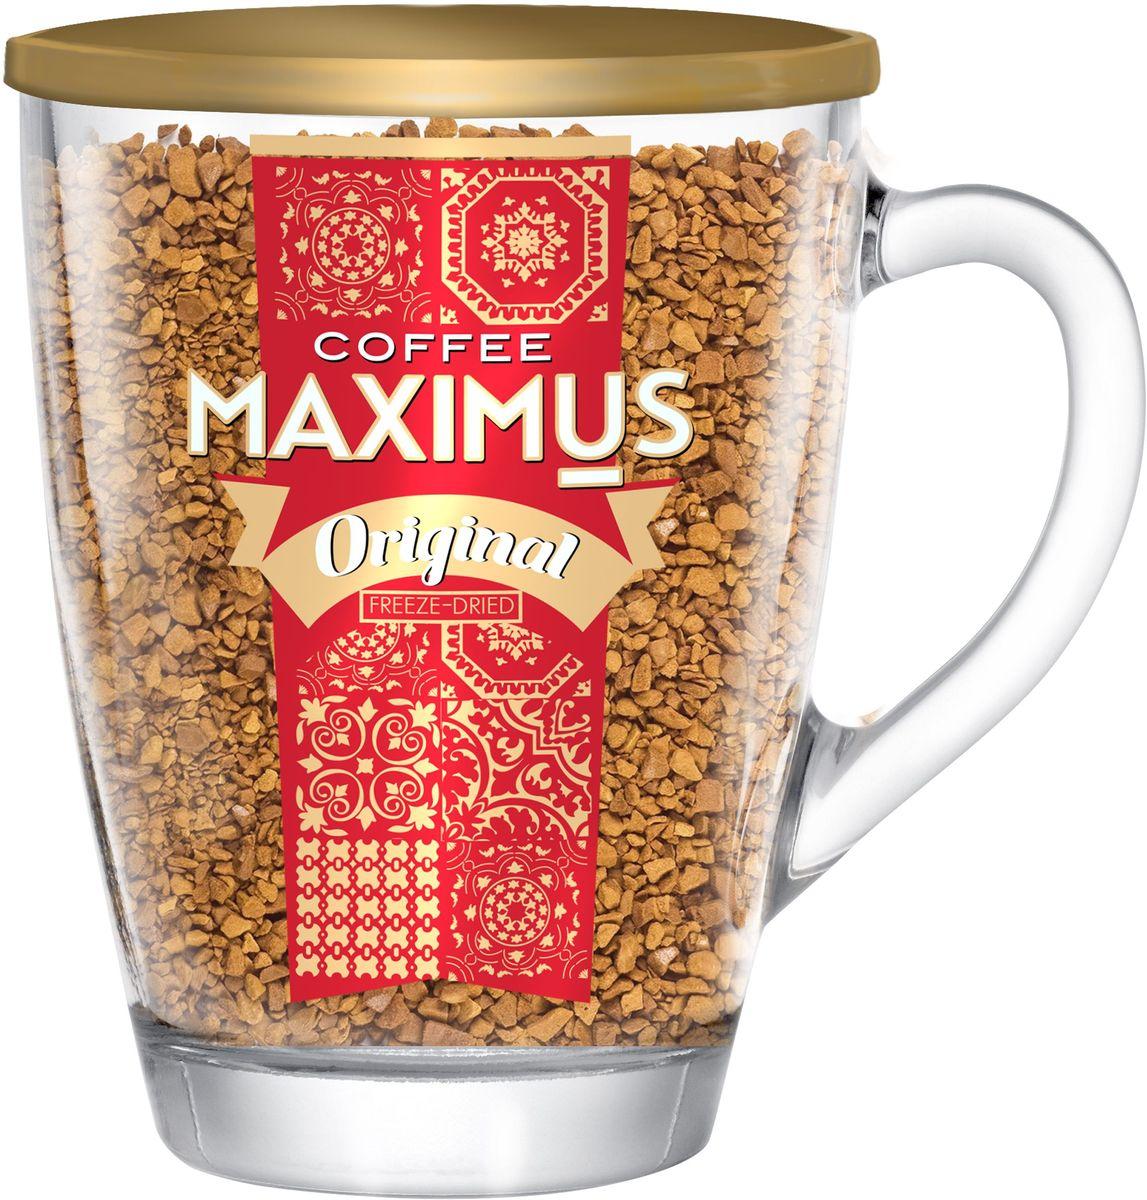 все цены на Maximus Original кофе растворимый в стеклянной кружке, 70 г онлайн